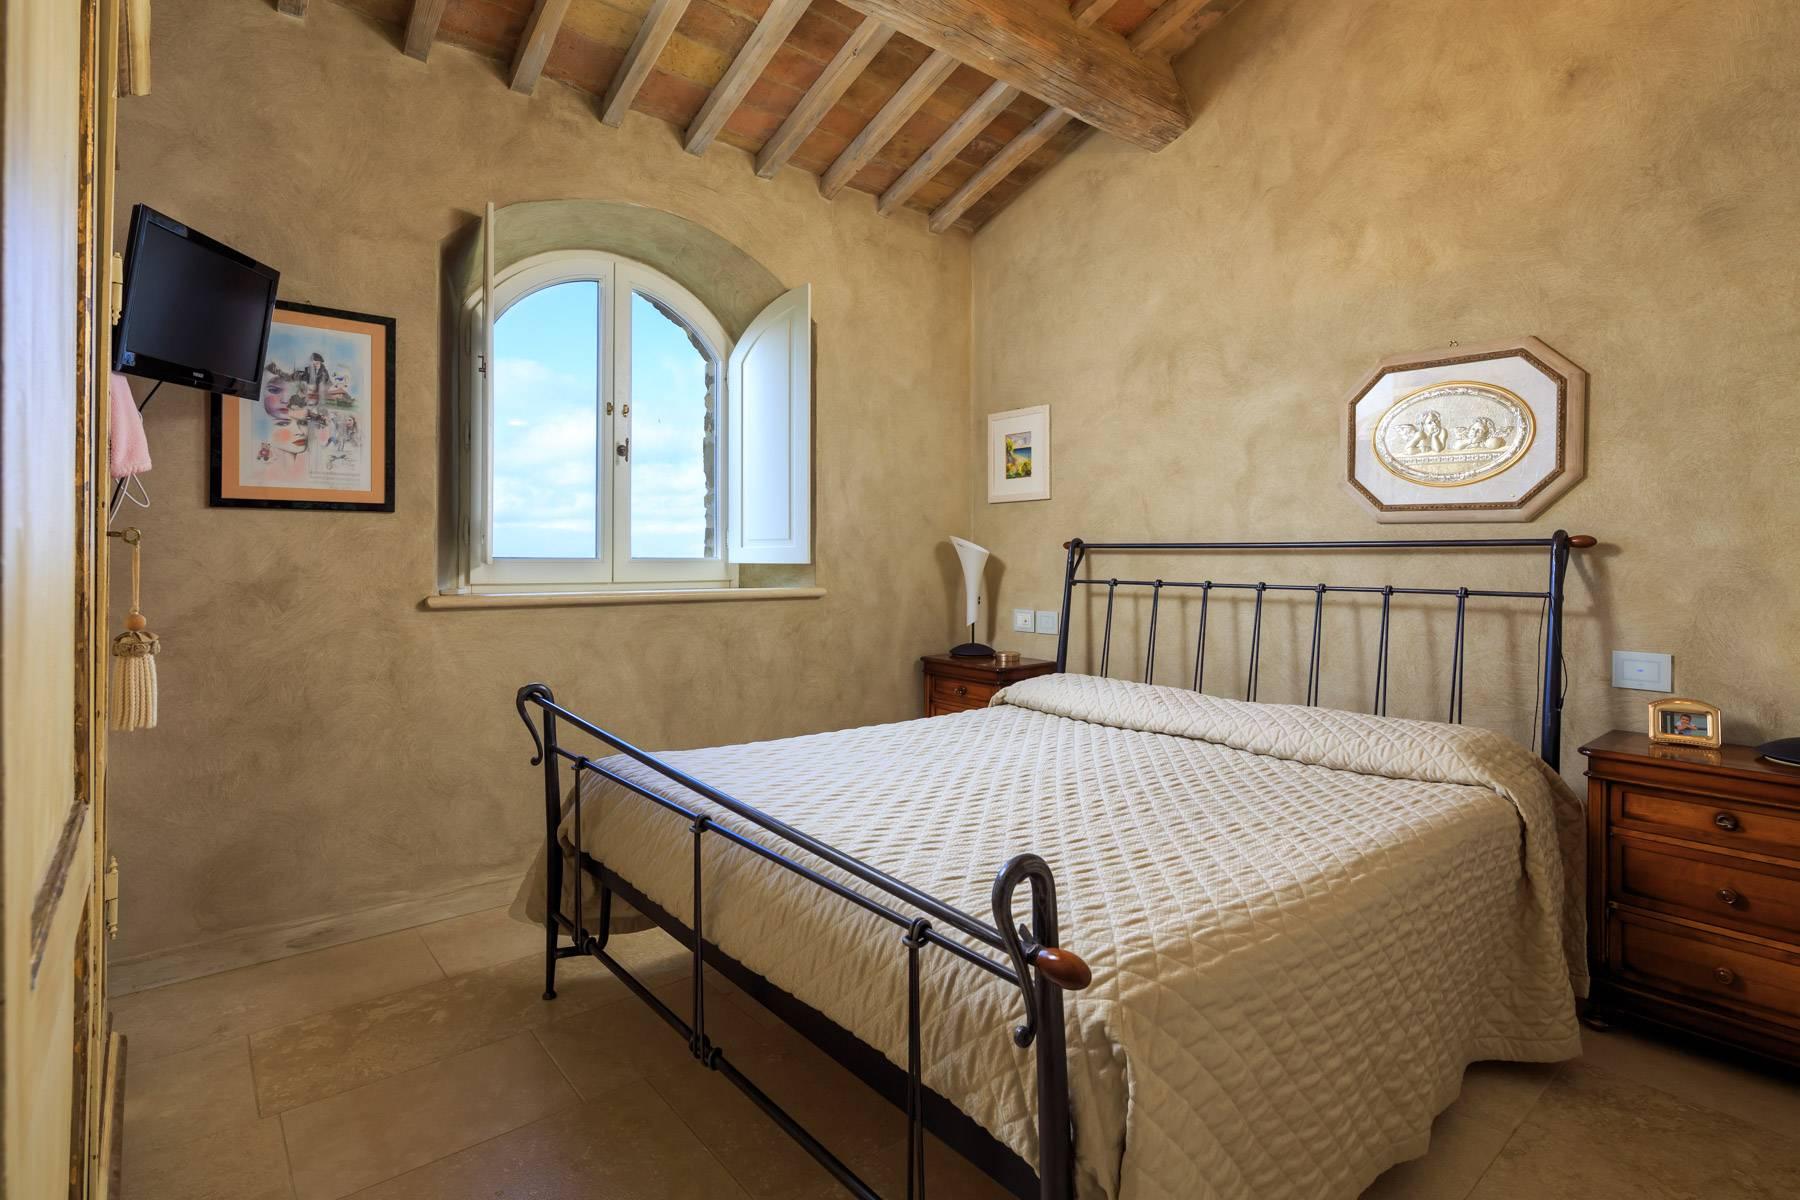 Rustico in Vendita a Montalcino: 5 locali, 300 mq - Foto 20